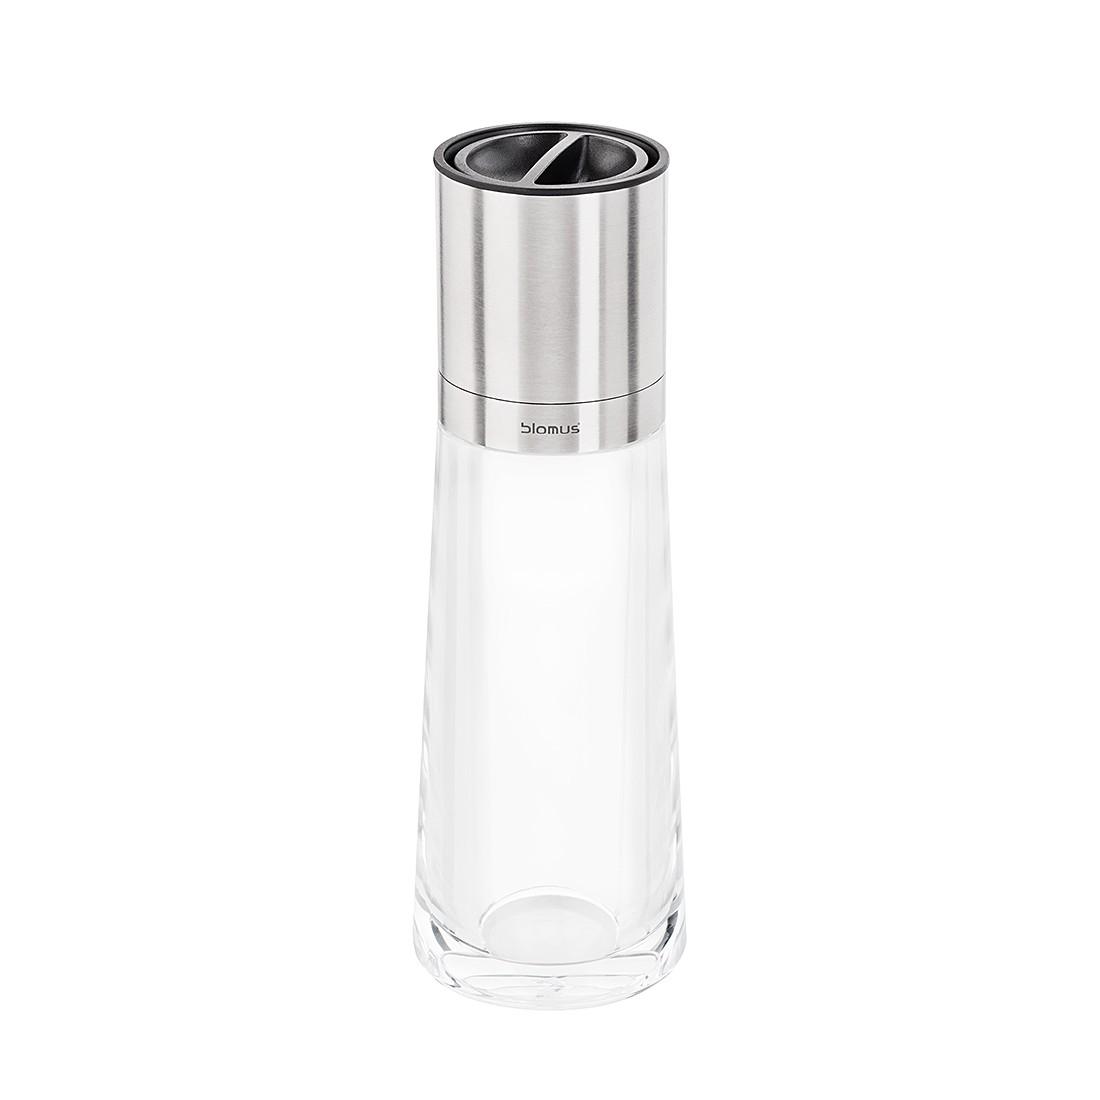 Salz-/Pfeffermühle Perea, Blomus günstig